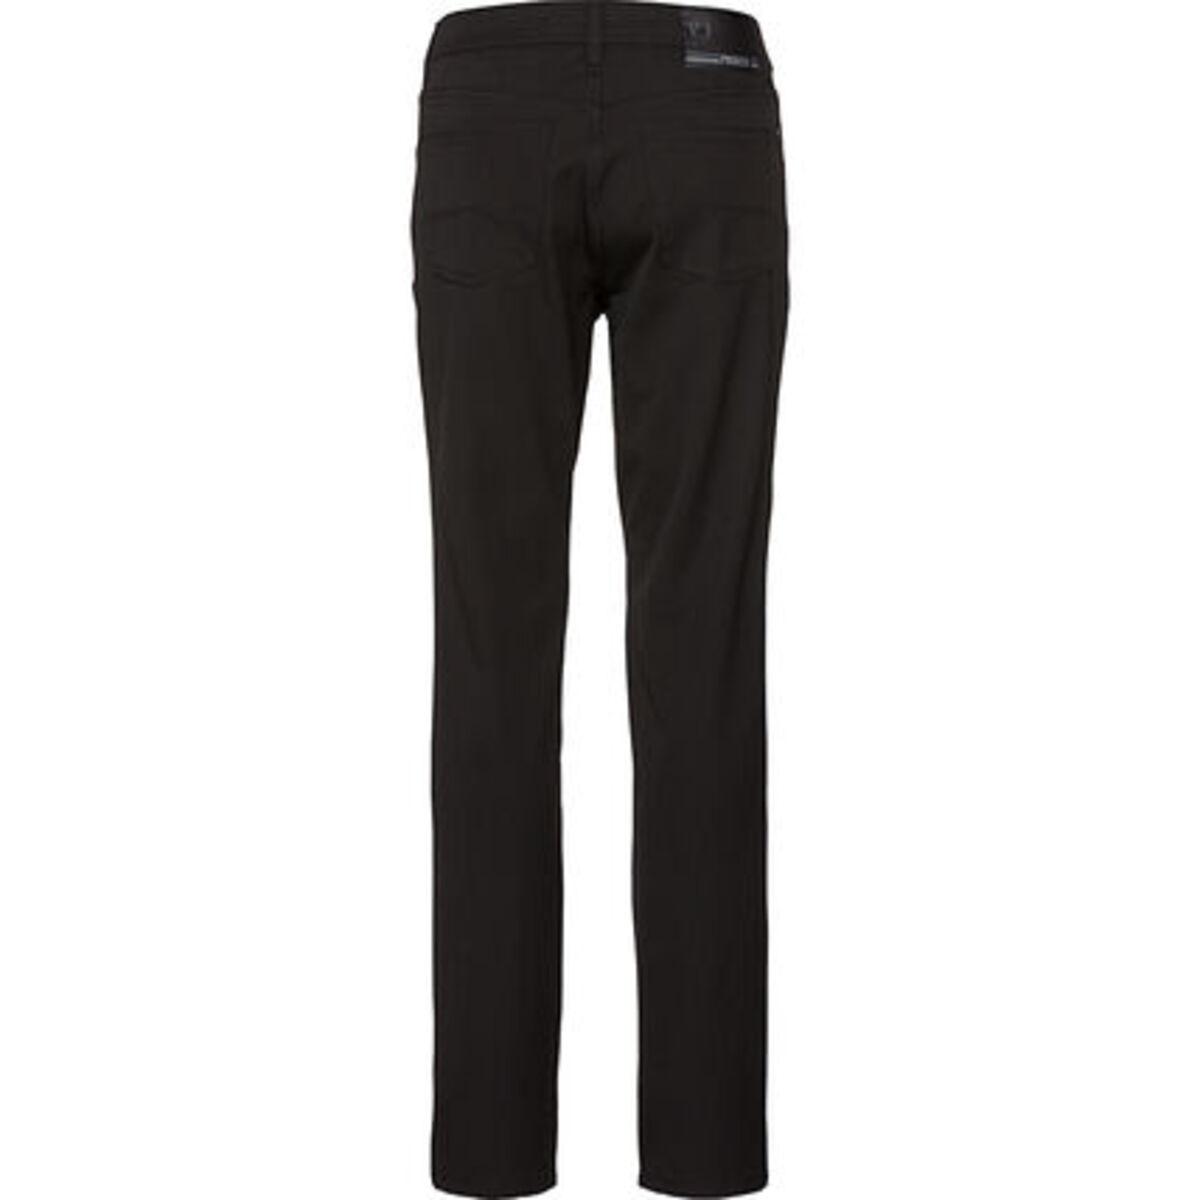 """Bild 2 von Pioneer Herren 5-Pocket-Jeans """"Rando"""", schwarz, W34/L30, W34/L30"""